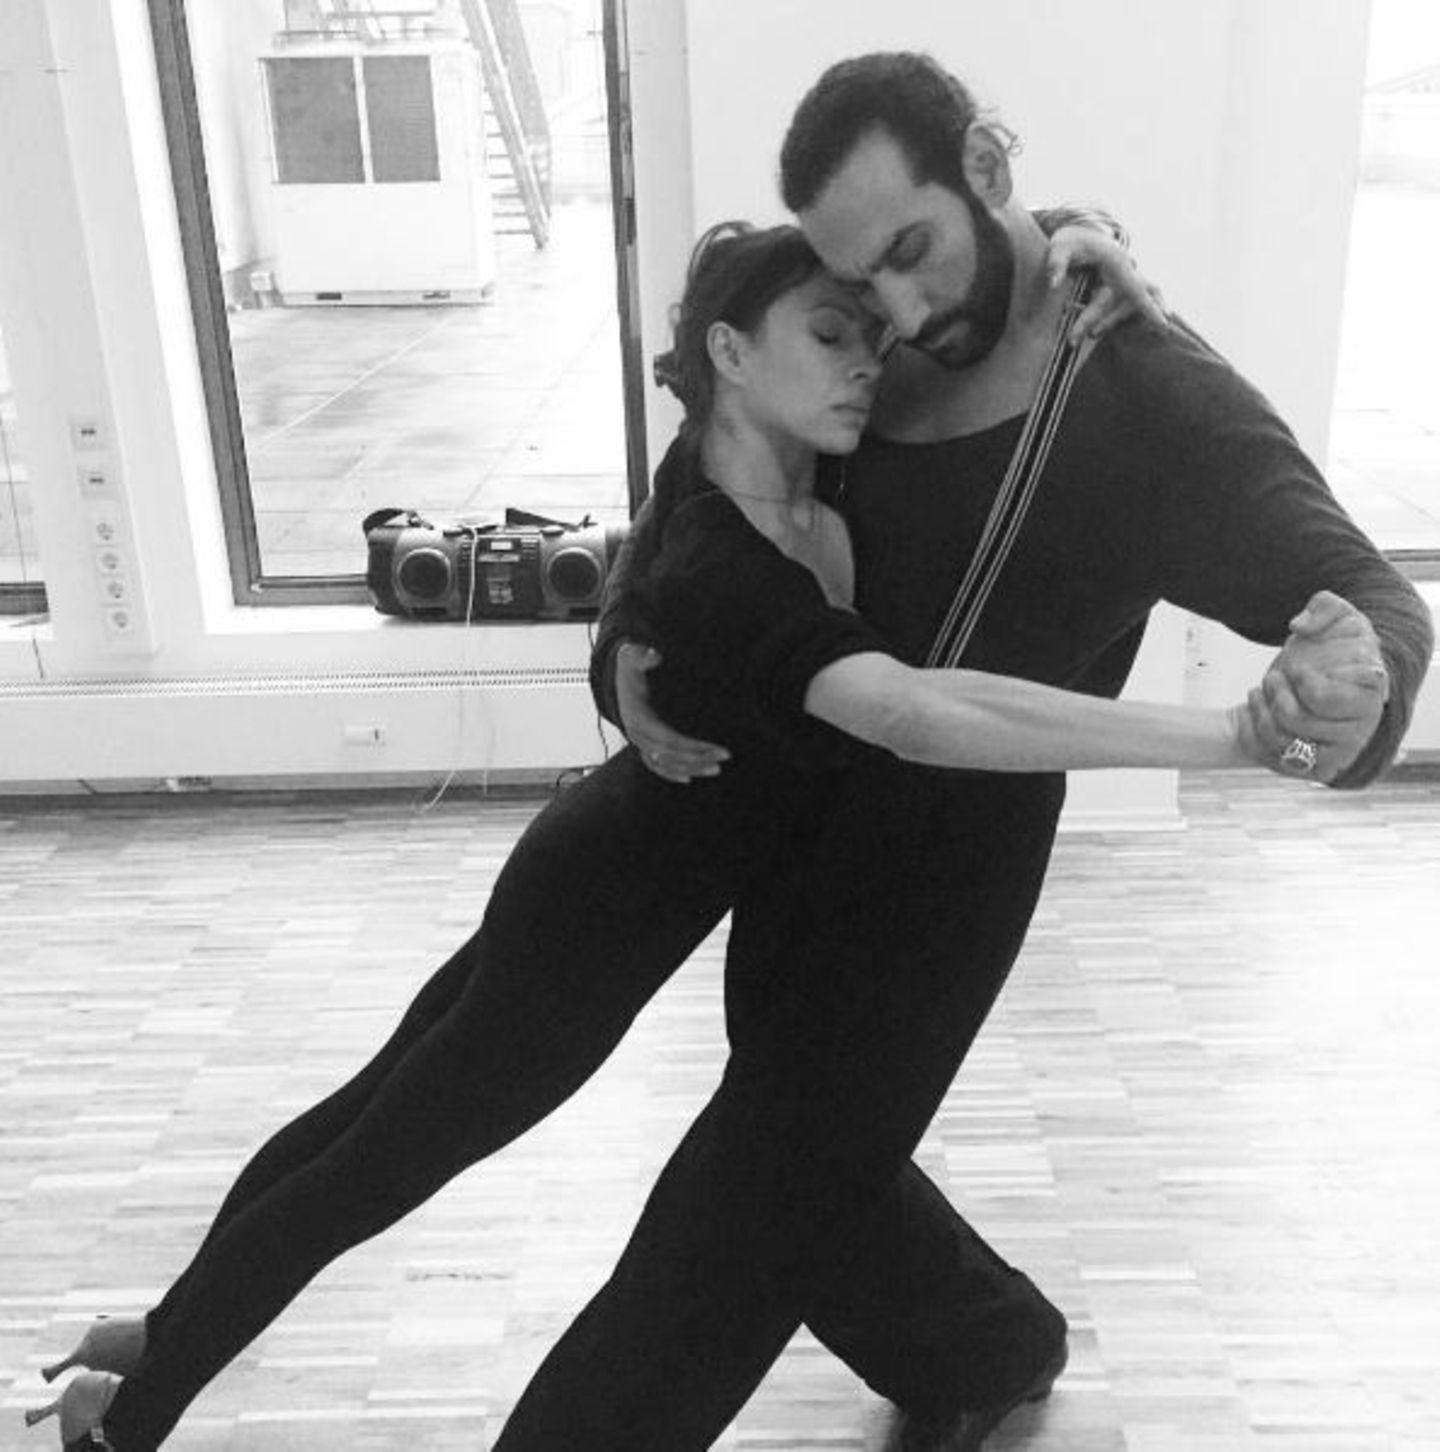 Ganz schön sinnlich: Die Proben zu Tango Argentino nehmen Jana Pallaske und Massimo Sinató sehr ernst.